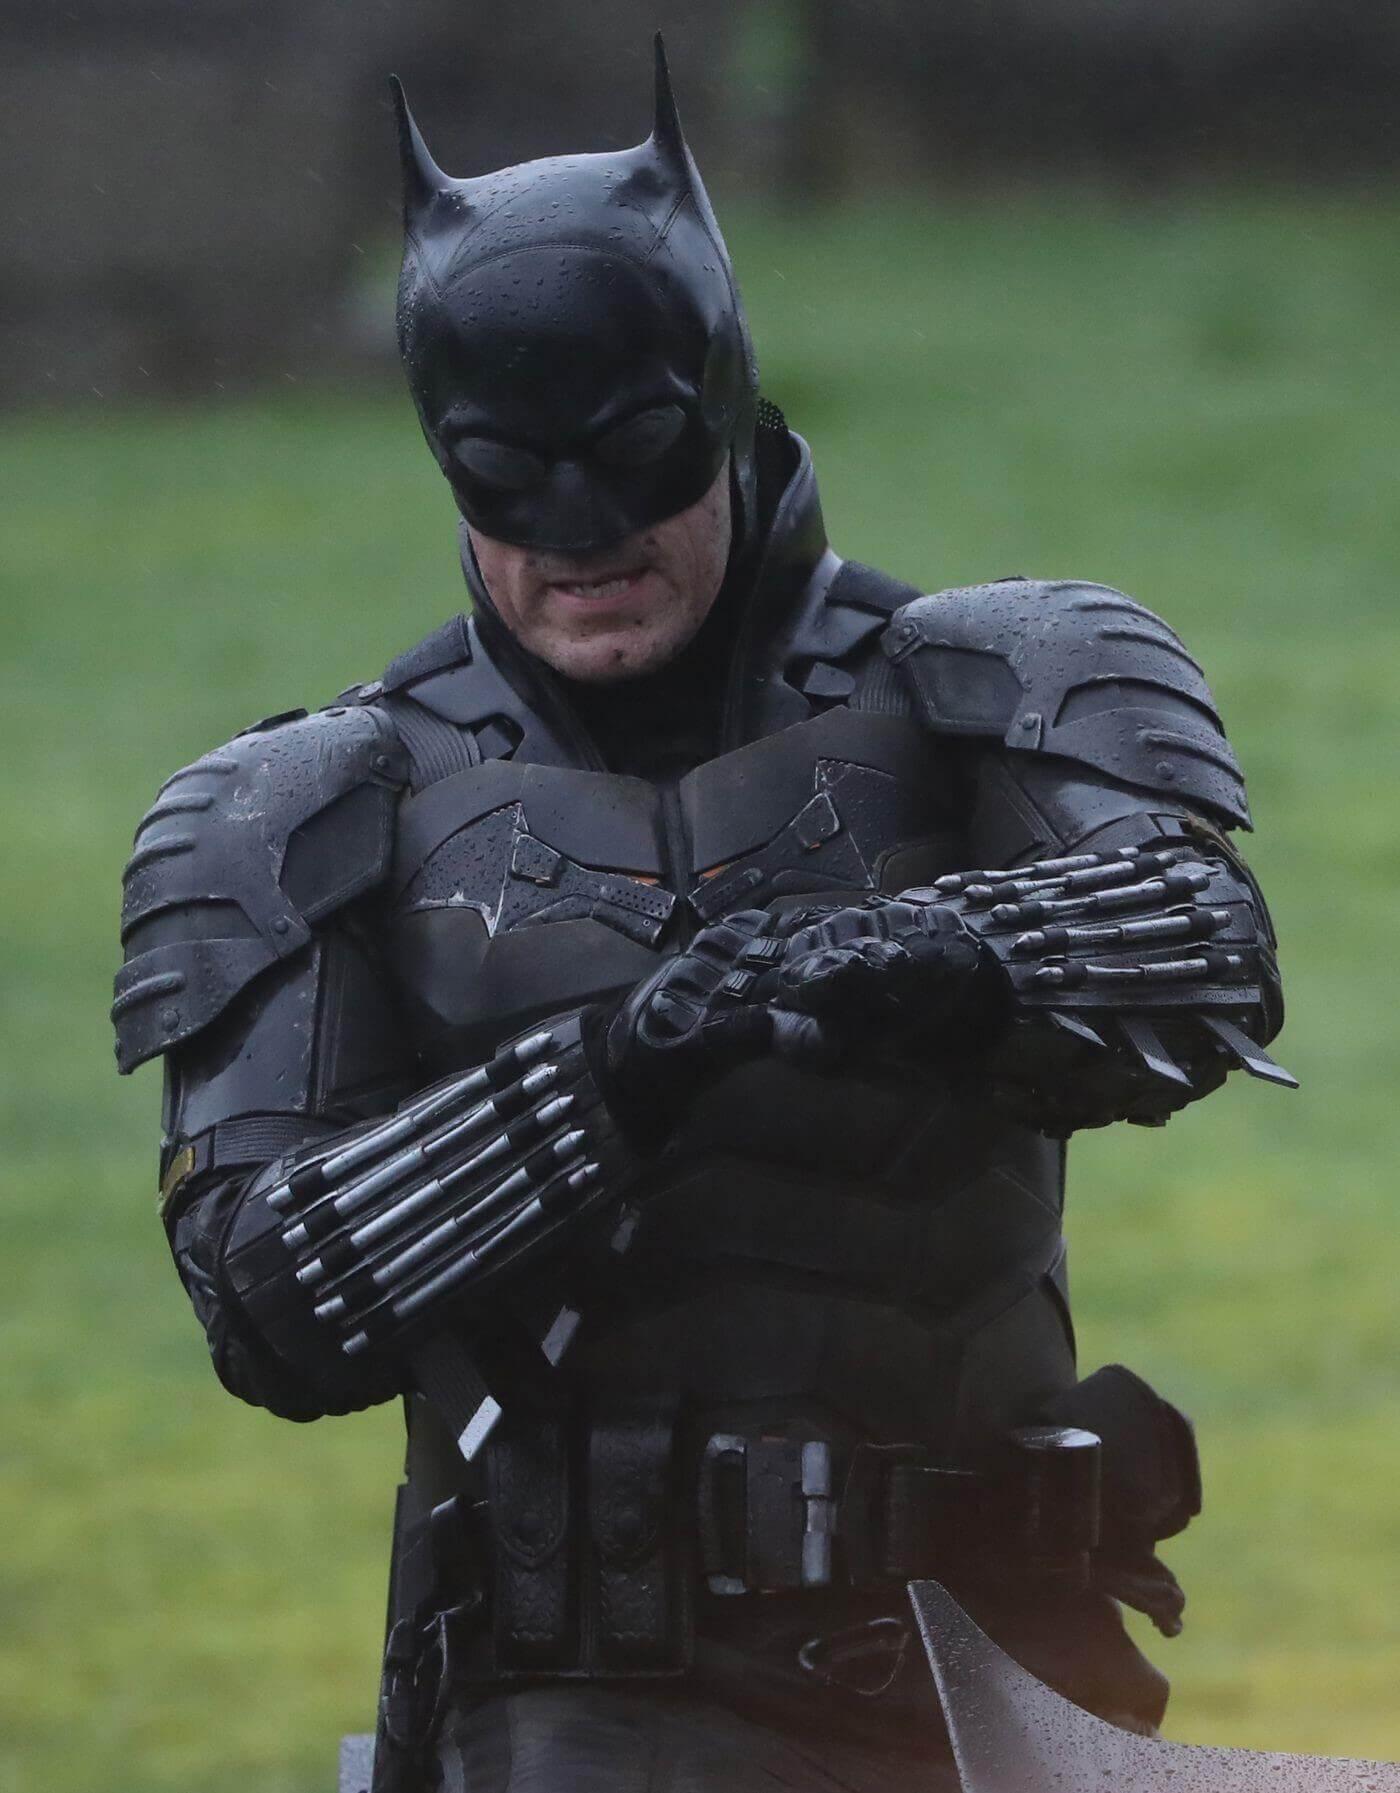 The Batman Cast, Set Photos, Release Date and What We Know So Far - The Batman Set Photos - Robert Pattinson Batman Batsuit